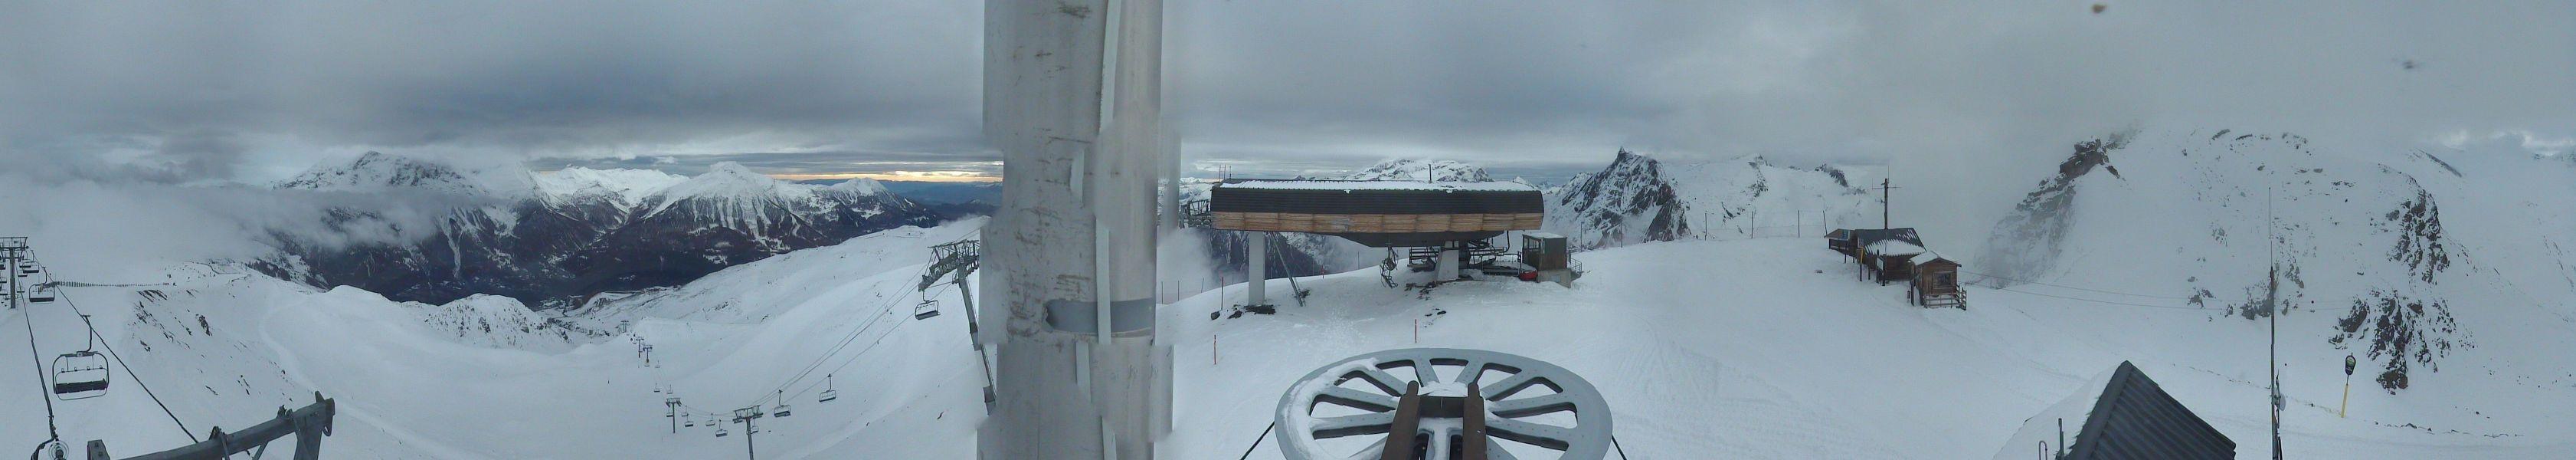 webcam Orcières Merlette